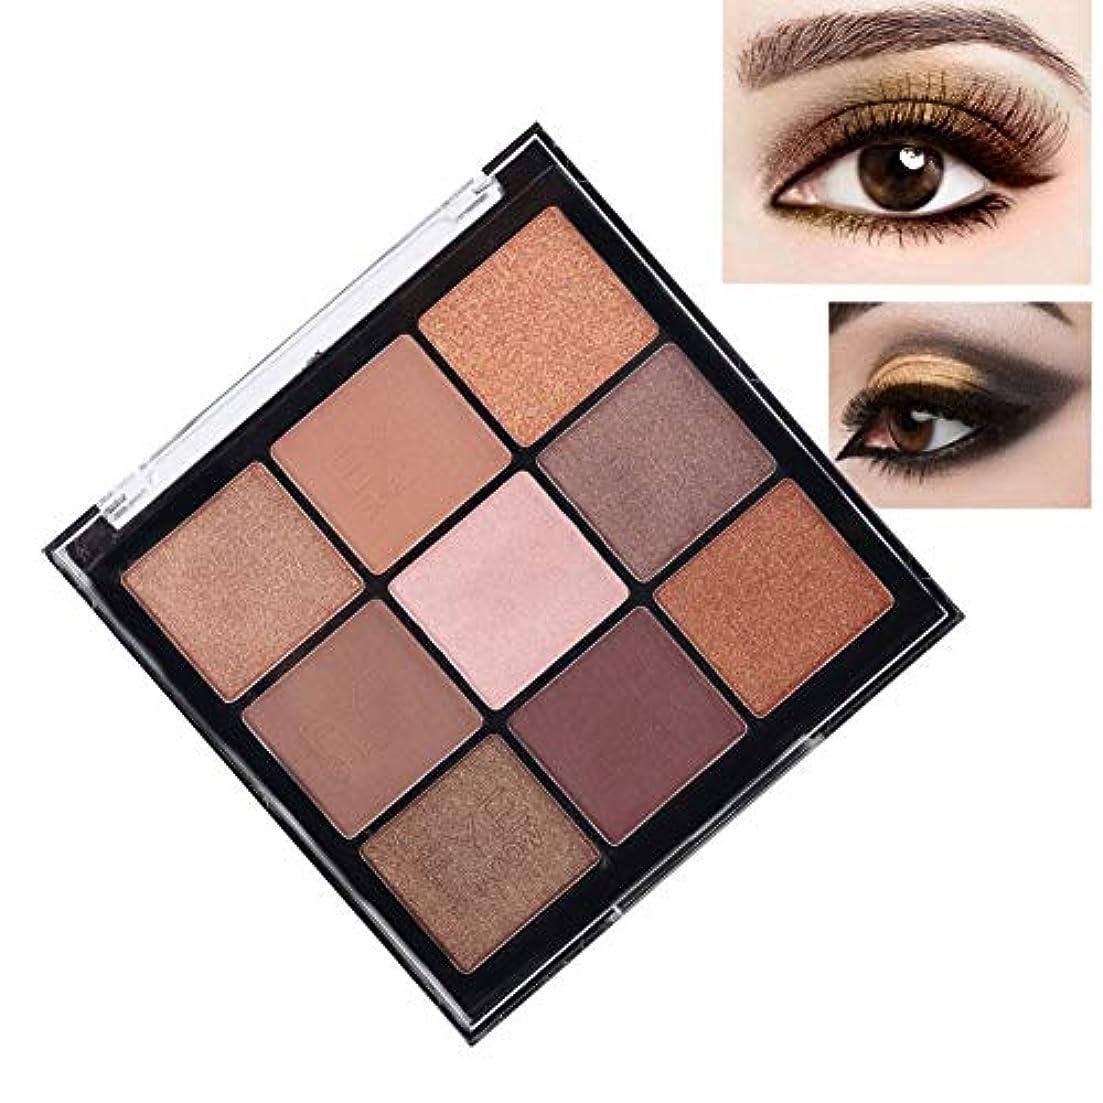 9色 キラキラマット アイシャドウ パレット アイシャドウ 化粧品 パウダー簡単に適用する アイメイクツール(04#)